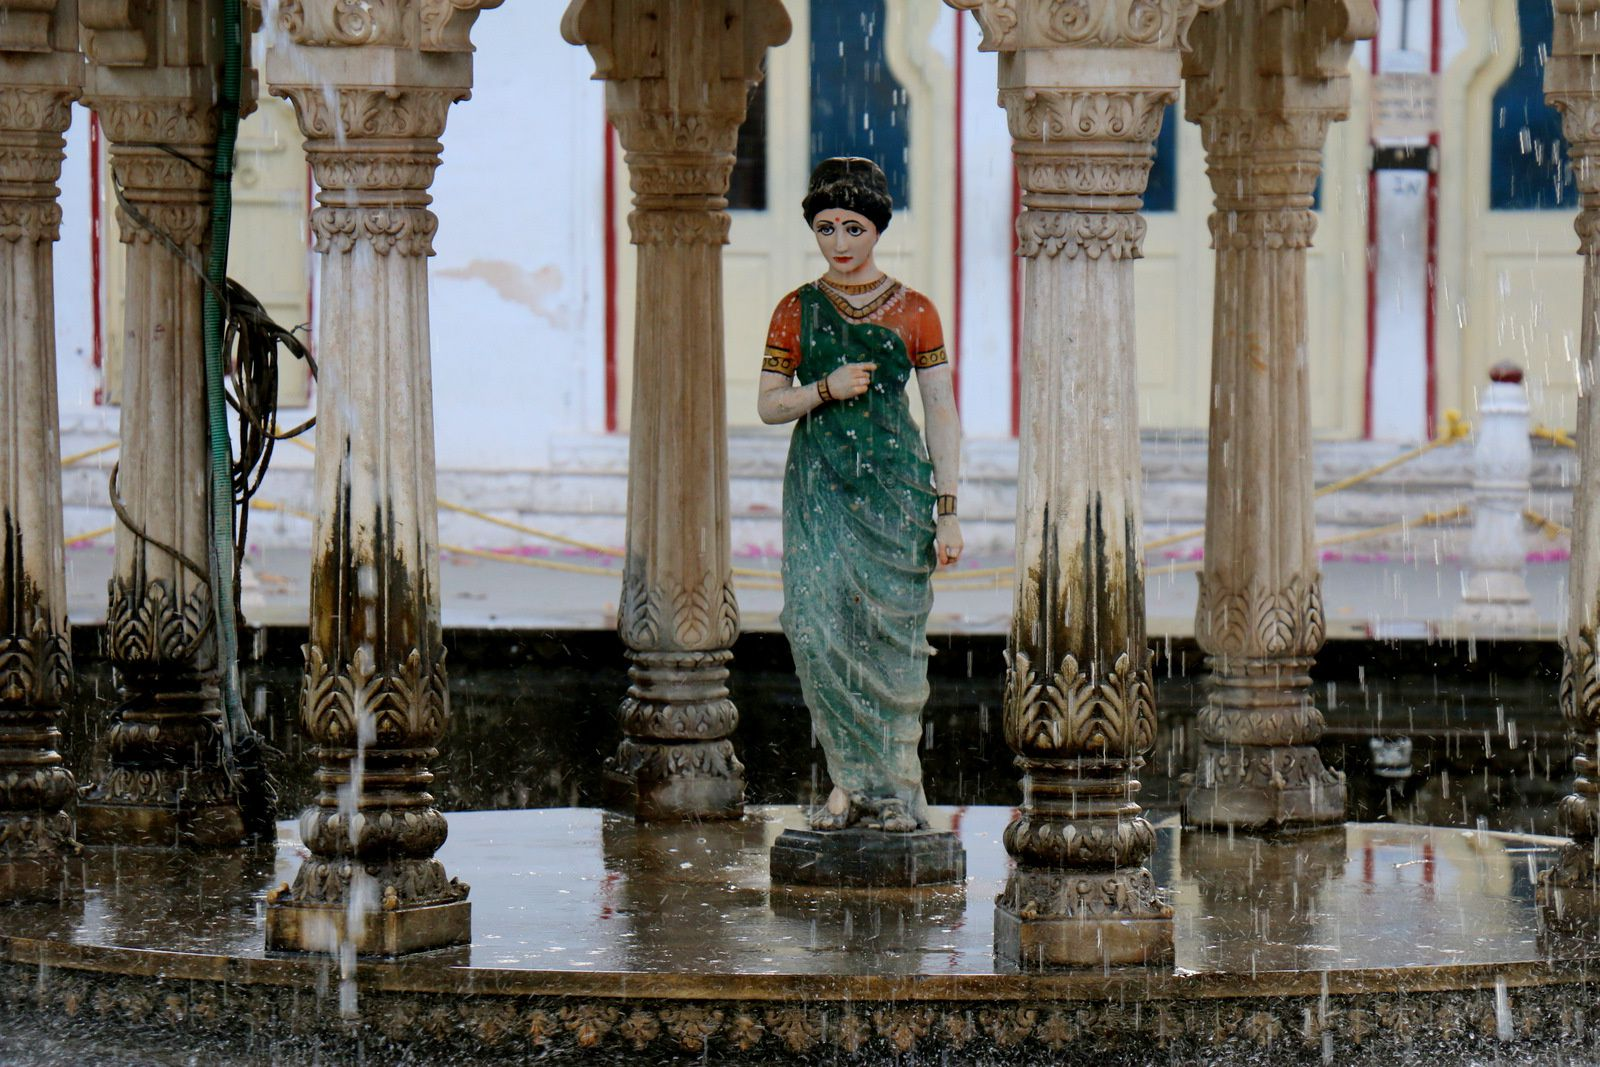 """Les bassins du jardin """"Sahelion Ki Bari"""", Udaipur, Inde"""